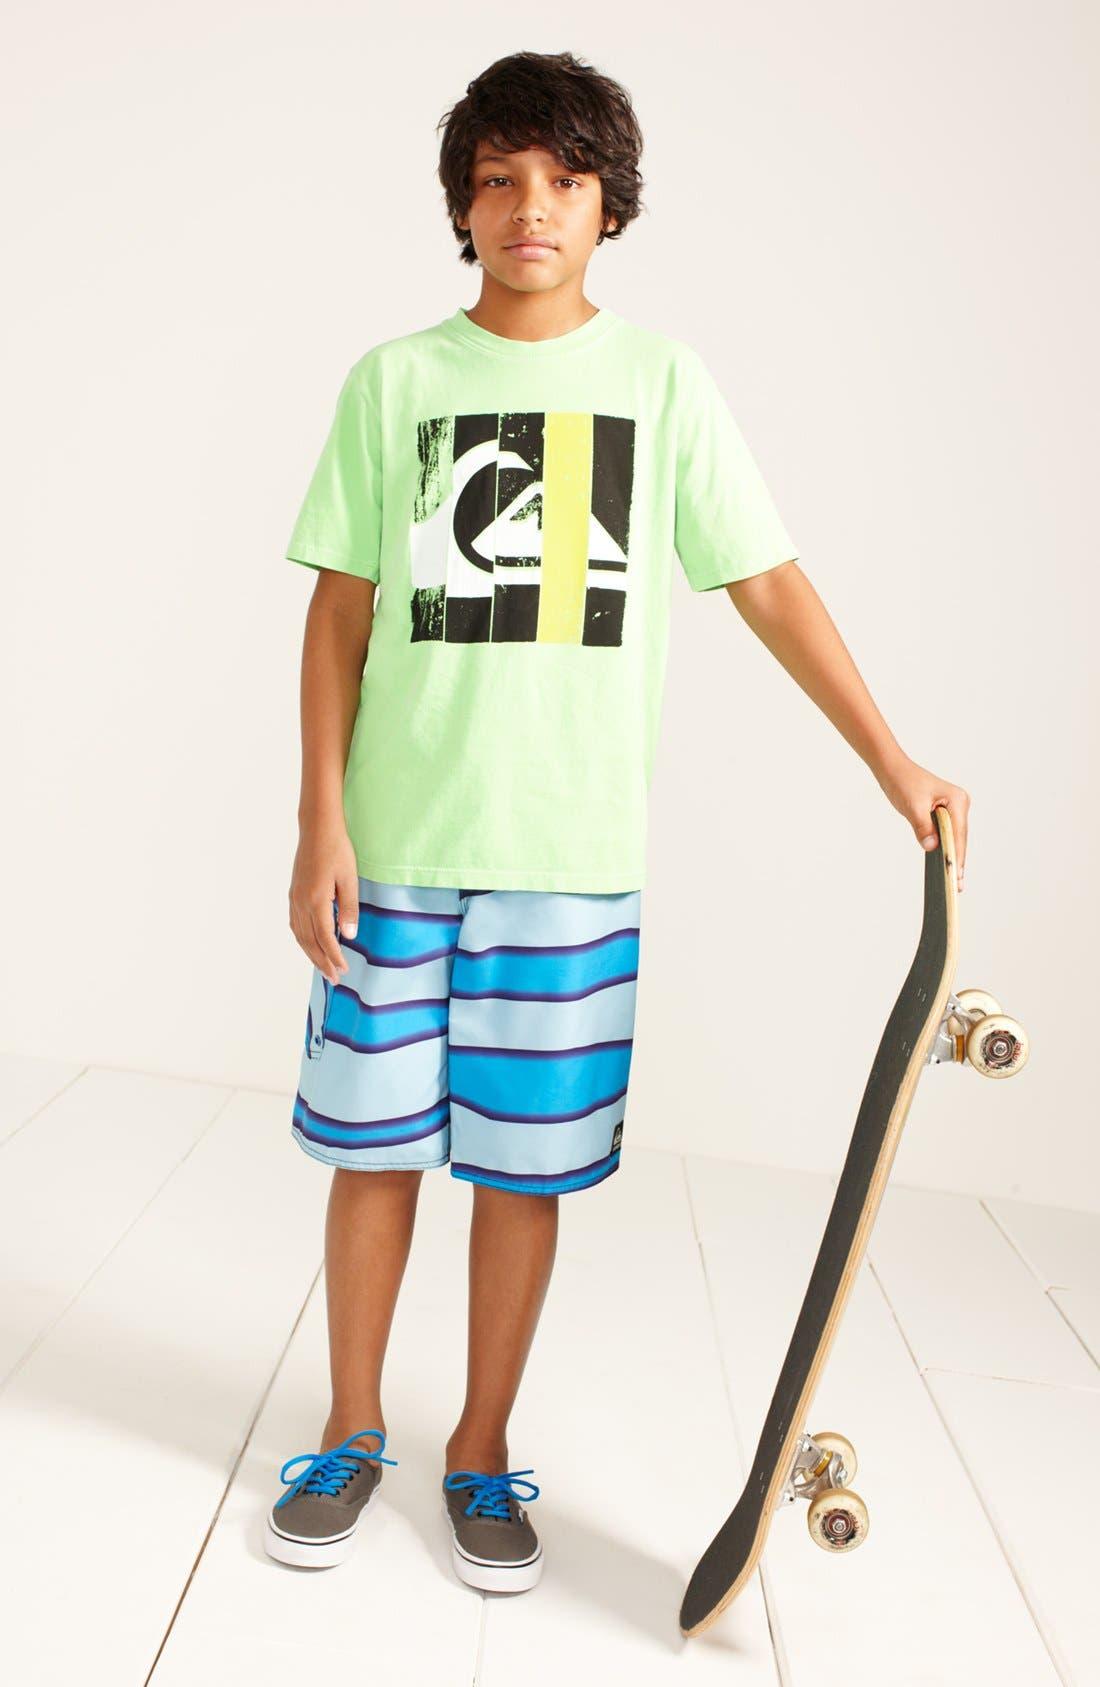 Main Image - Quiksilver T-Shirt & Board Shorts (Big Boys)